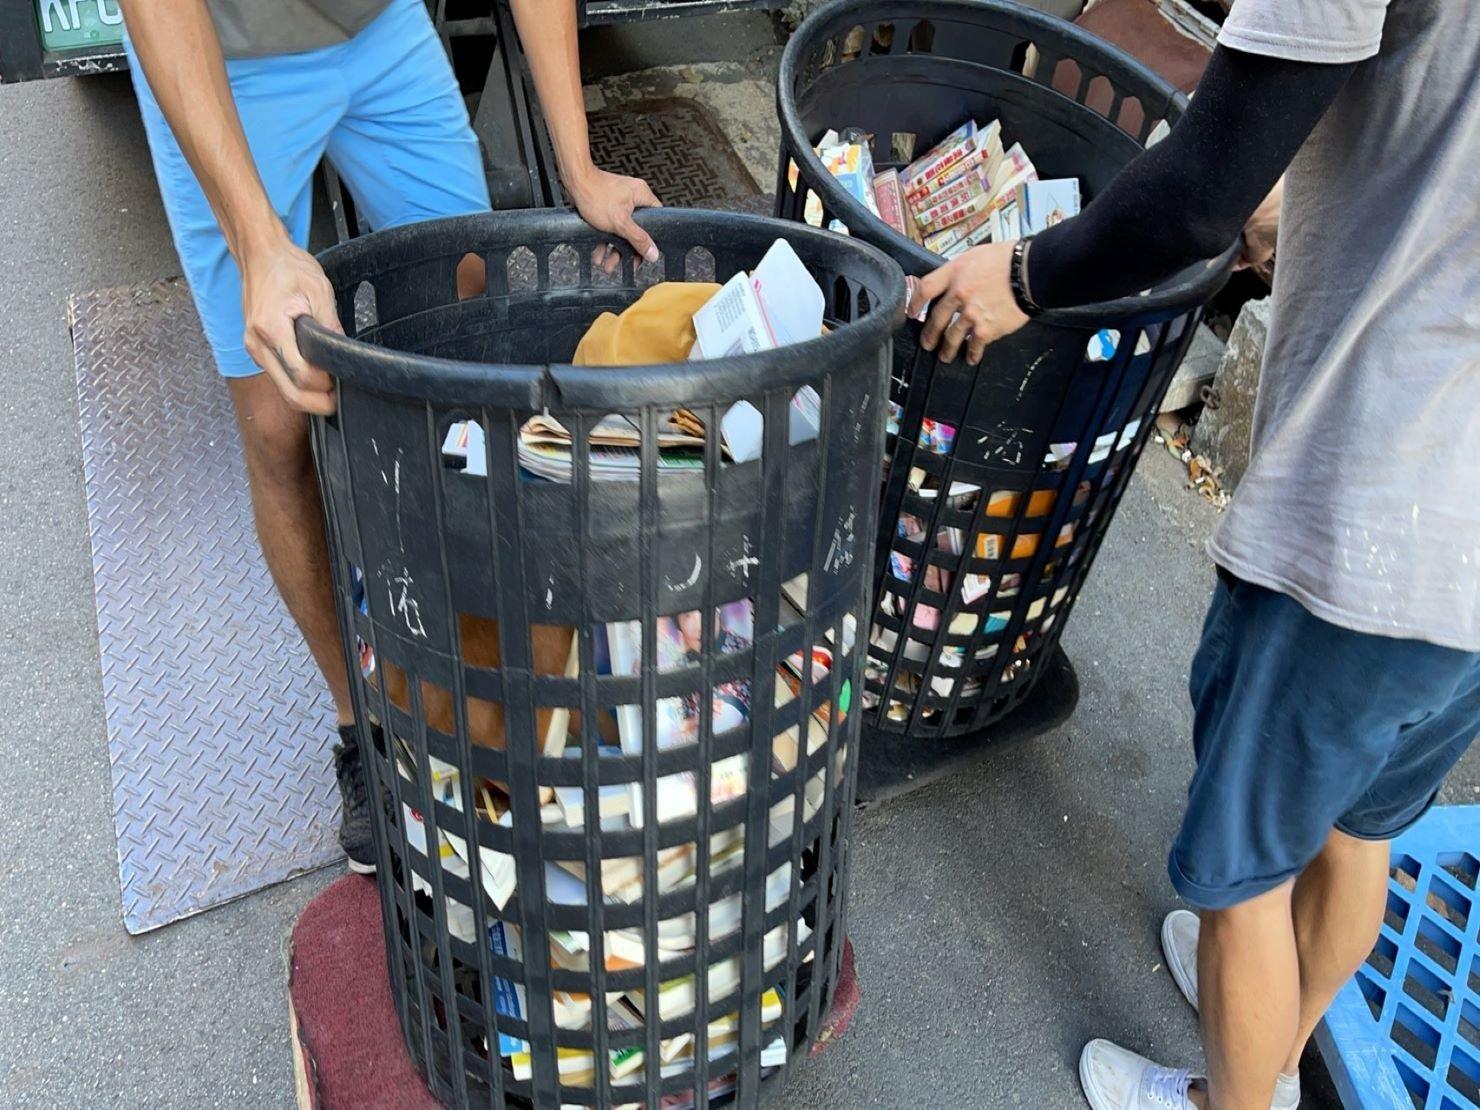 搬家推薦【榮福搬家】搬家口碑第一、台北搬家、新北搬家:【廢棄物處理清運、家庭家具垃圾處理】榮福搬家提供黑色簍子將丟棄的垃圾好做分類處理,載往回收處理場丟棄。